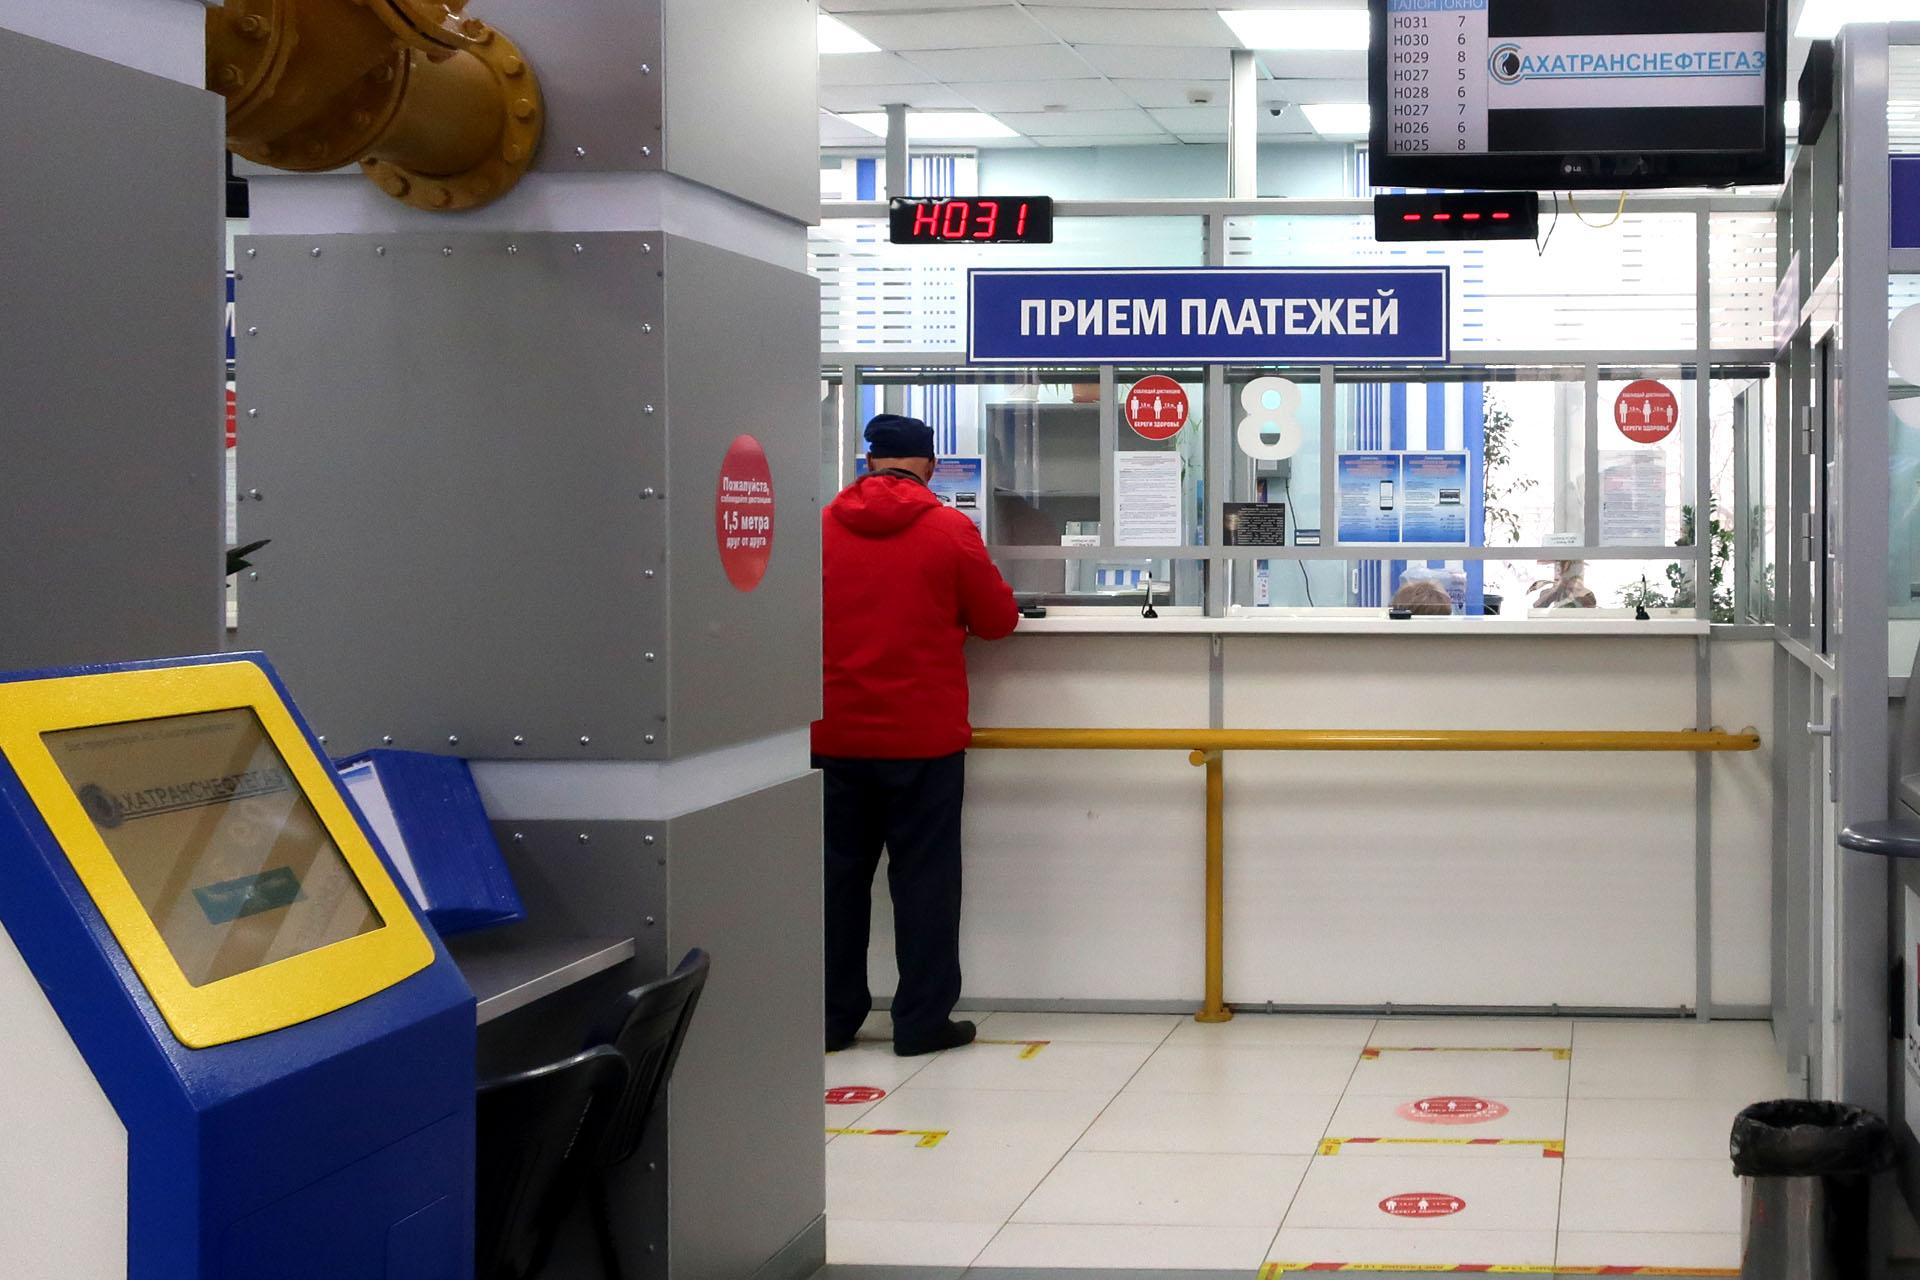 Изменение графика работы в Едином окне УГРС 19 декабря жители города смогут оплатить за газ и получить другие услуги в Едином окне УГРС